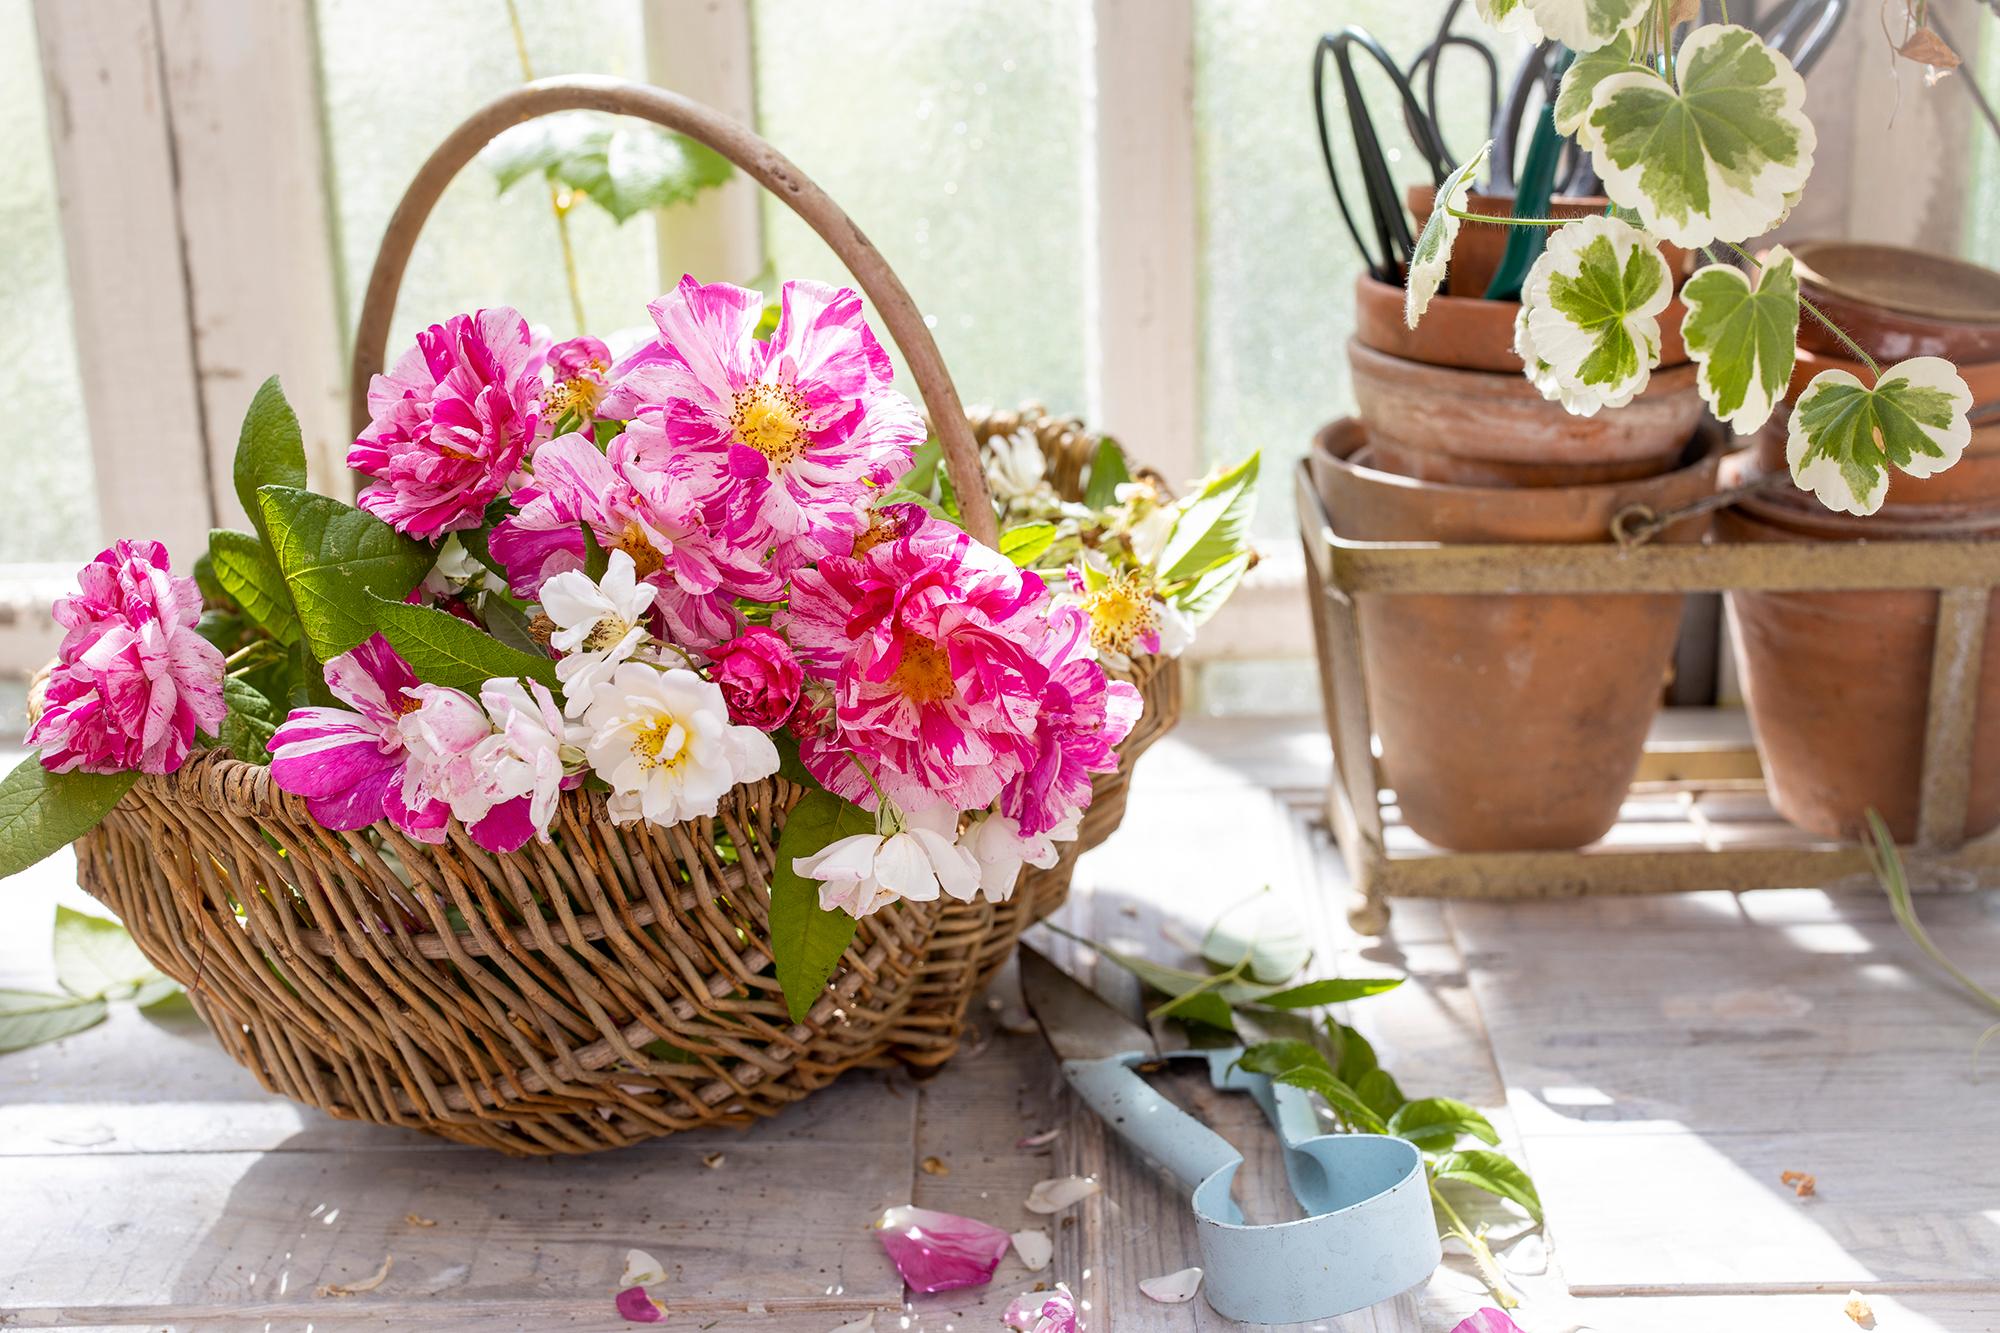 Rosa och vita rosor i en korg